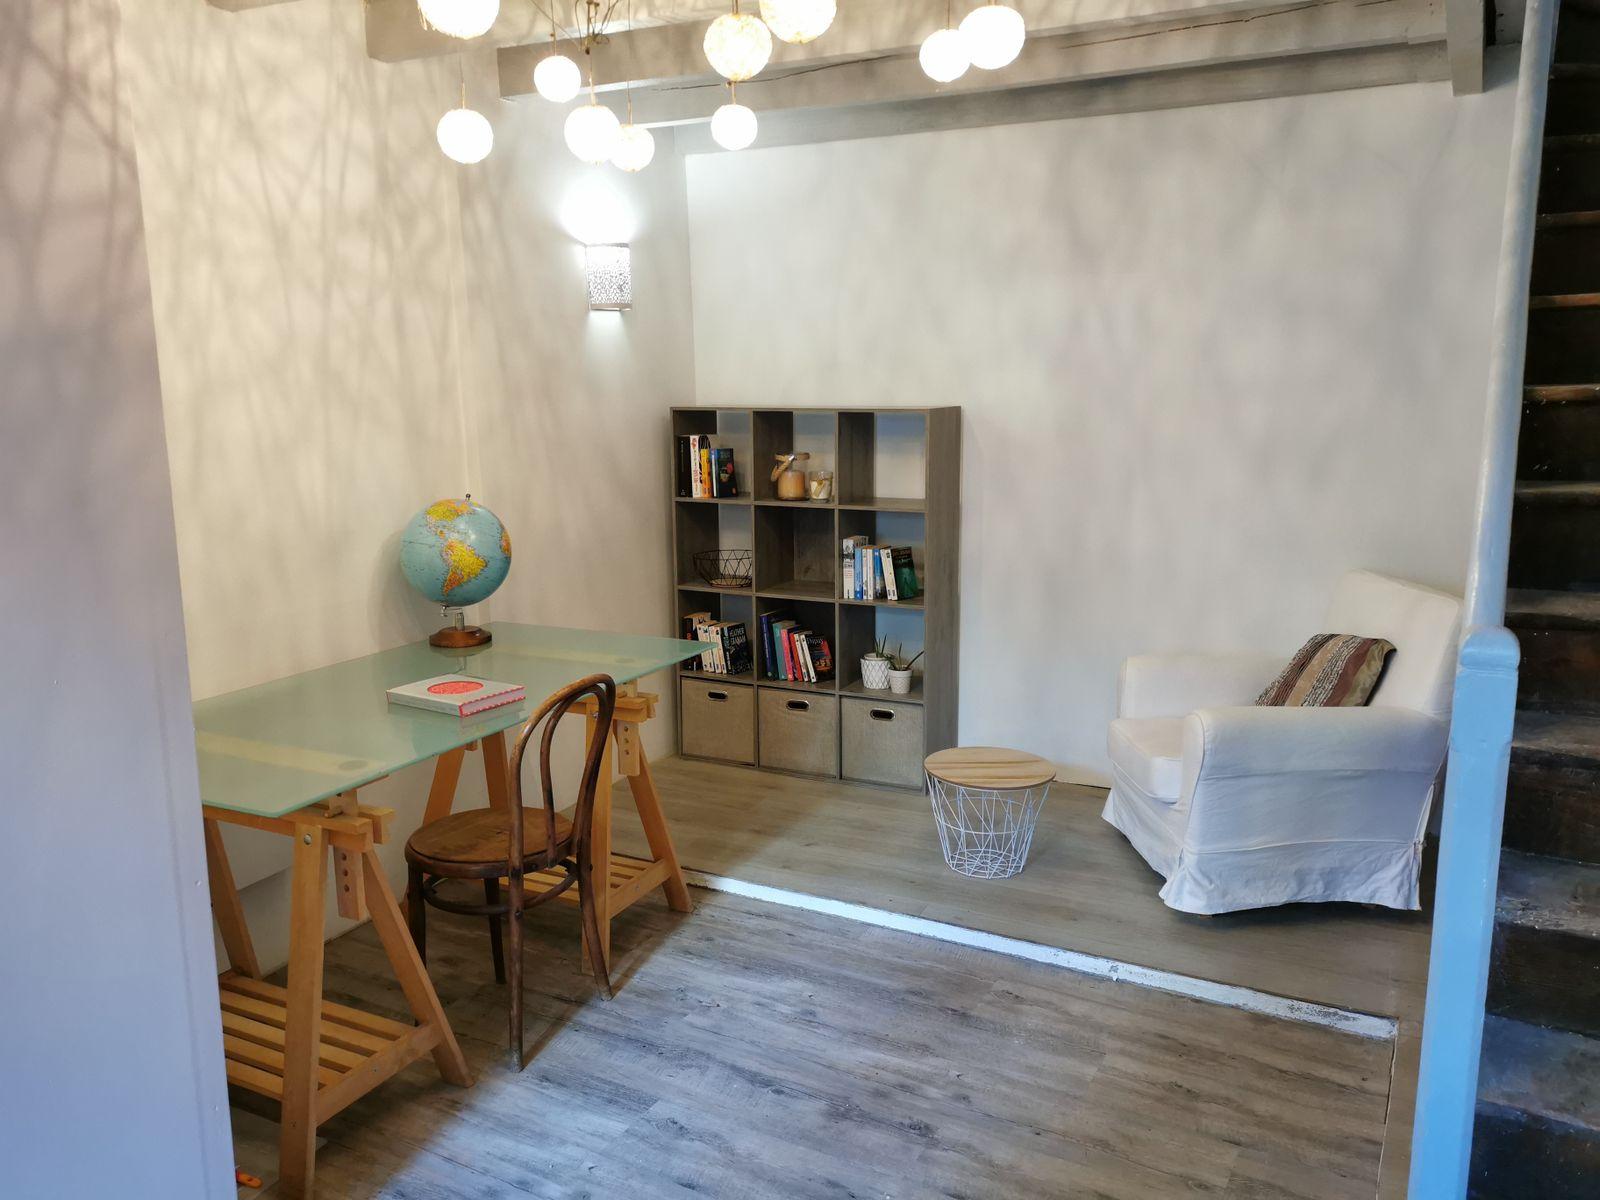 Maison meublée hyper centre refaite à neuf de 3  pièces  à Angoulême image nº4